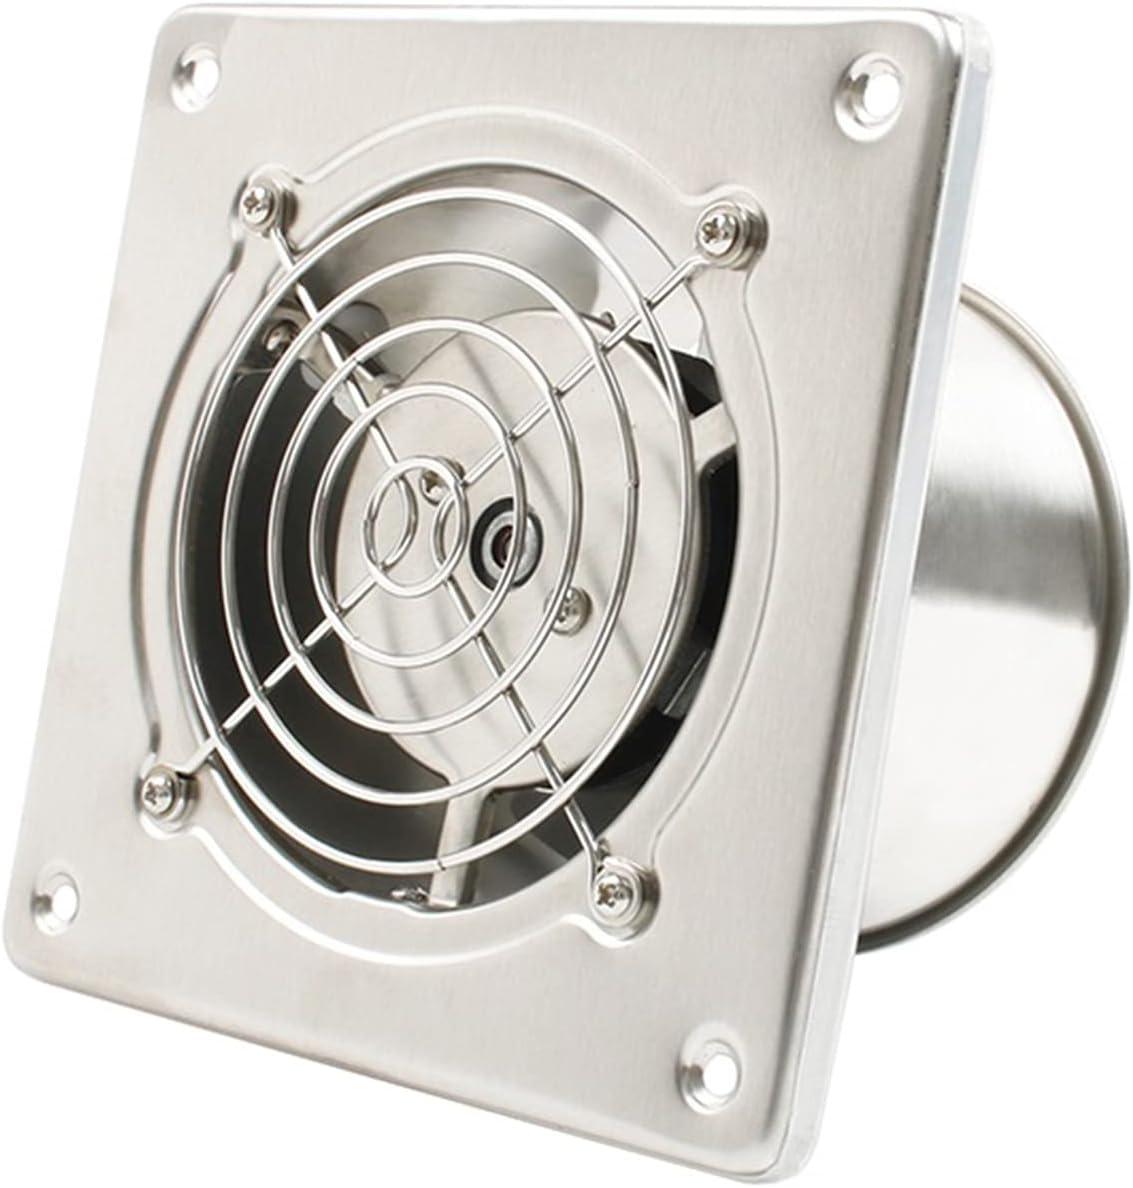 Ventilador Extractor 4 '' Acompañamiento de escape de acero inoxidable Cocina de baño Cuarto de baño Colgante de pared Ventilador Ventilador Air Ventilador Extractor Soplador con red protectora, 25W E